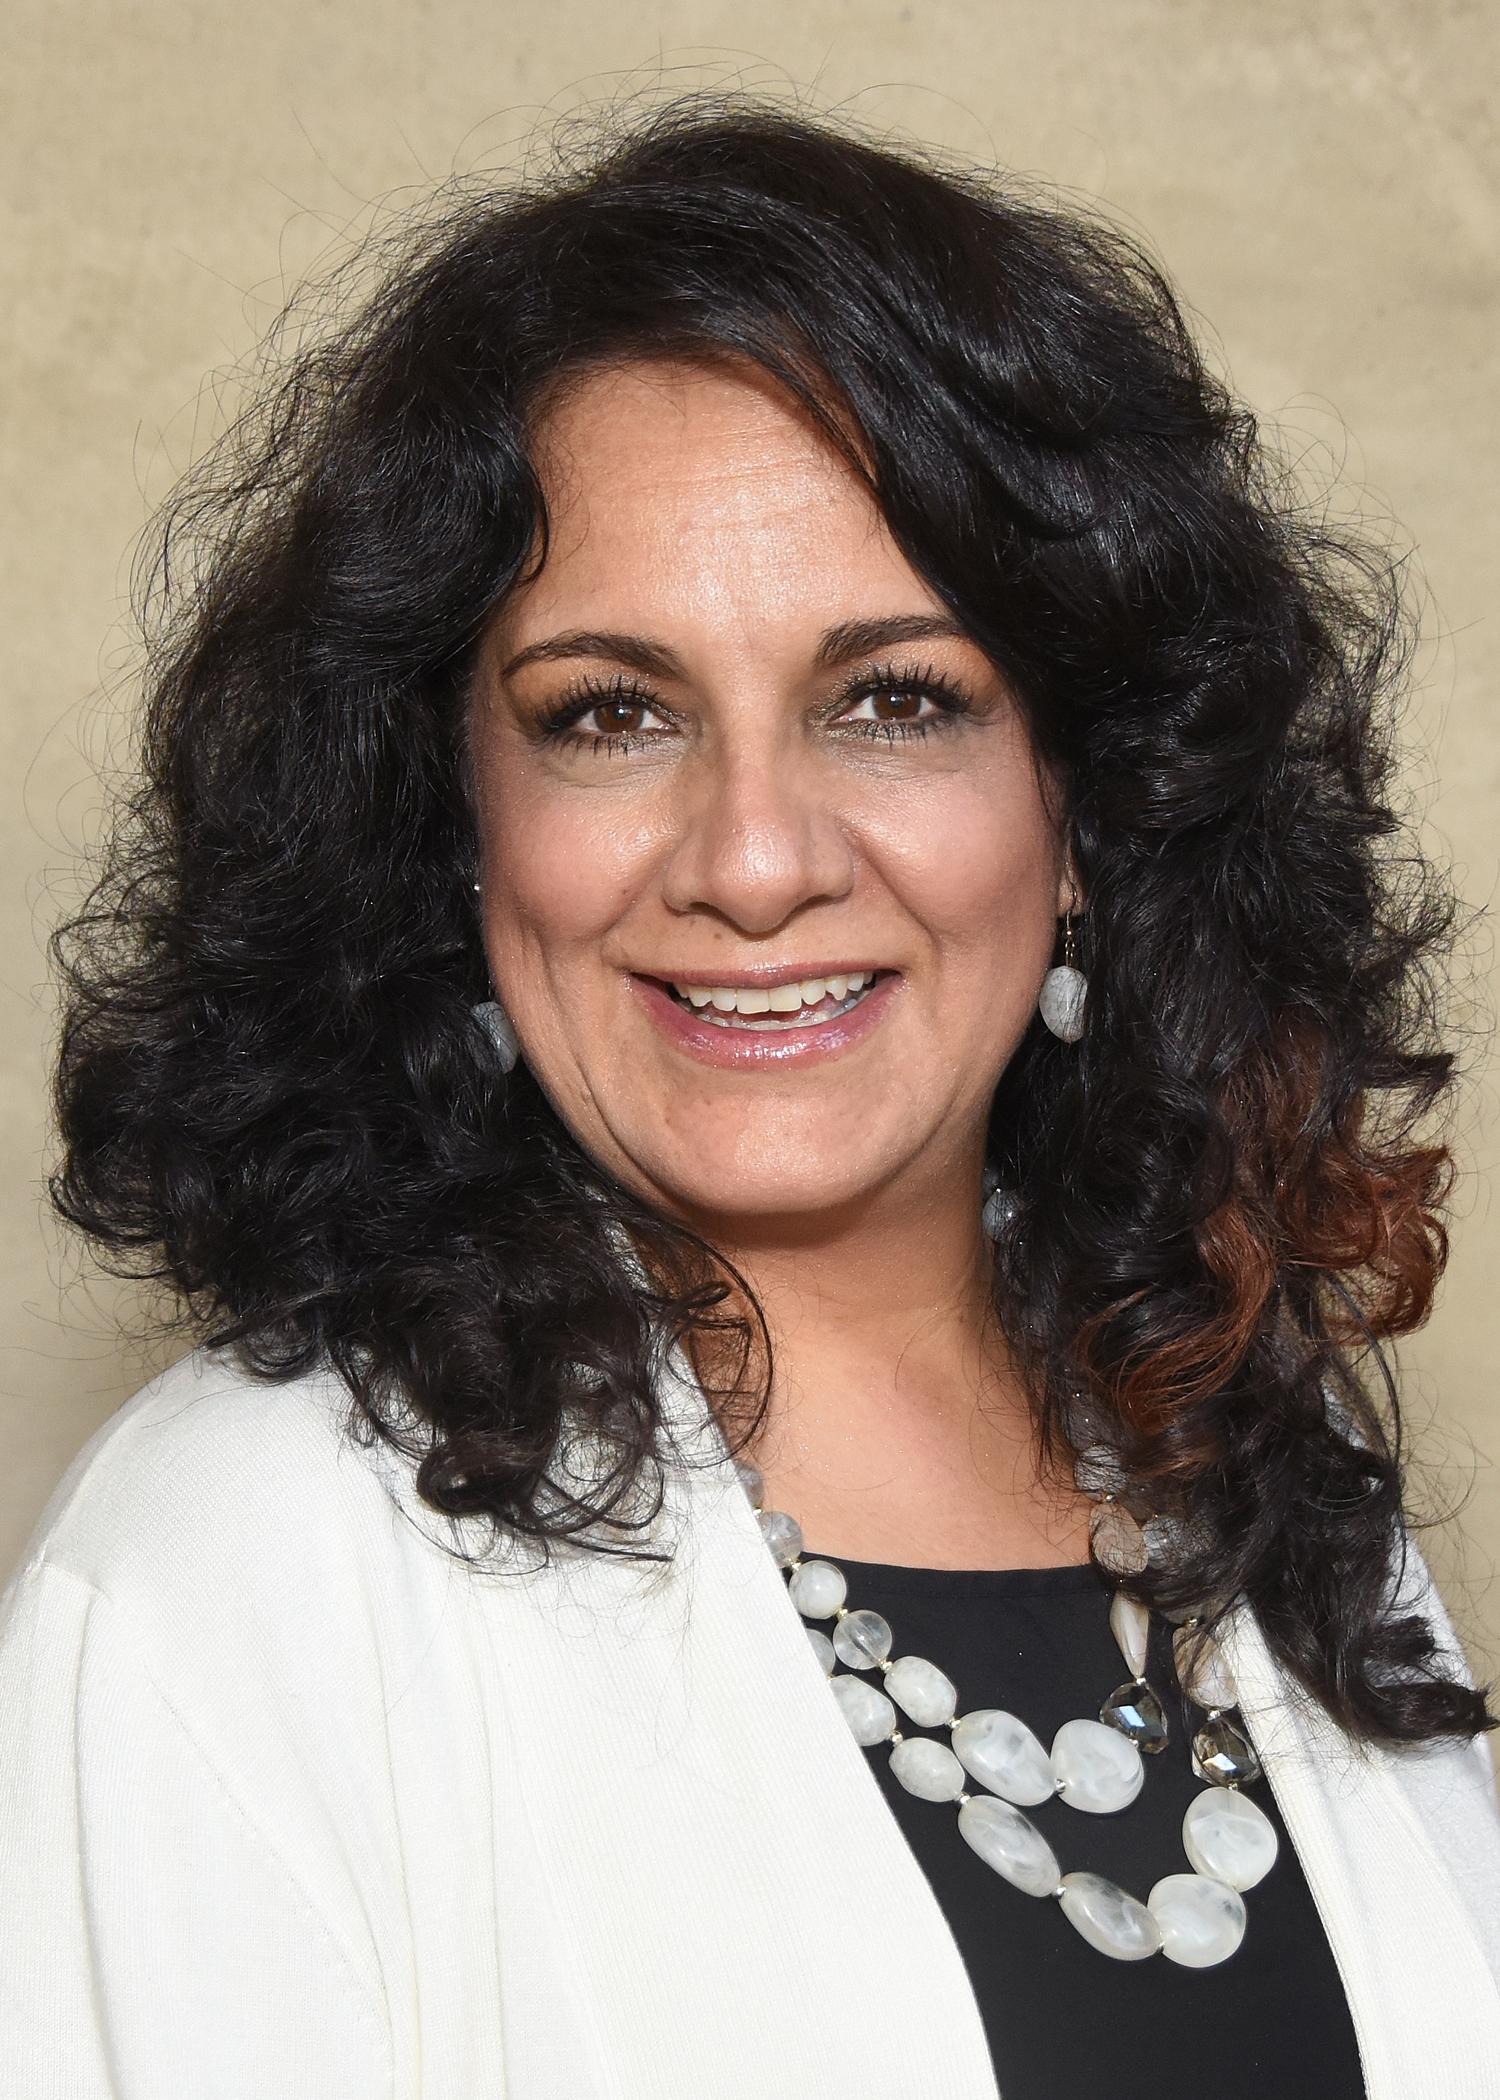 Alejandra Gallardo